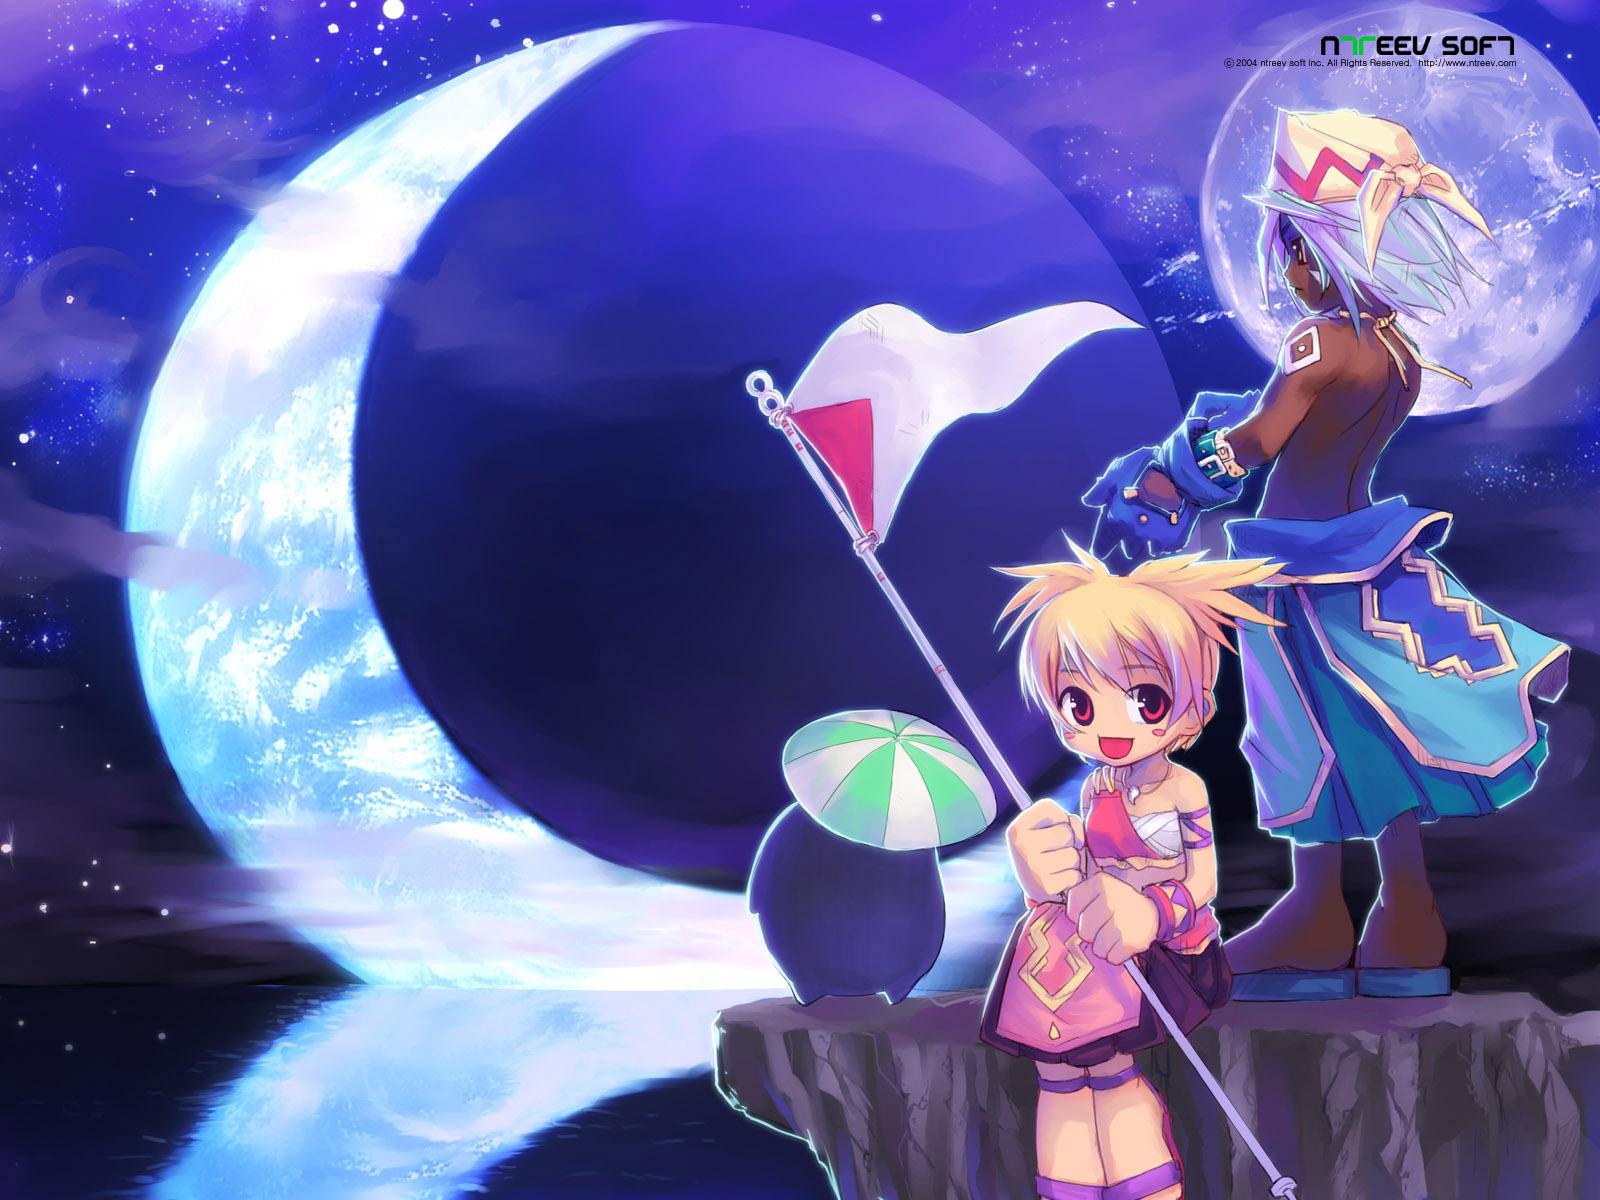 blonde_hair blue_hair brown_eyes dolfini lola moon necklace pangya quma red_eyes short_hair umbrella water